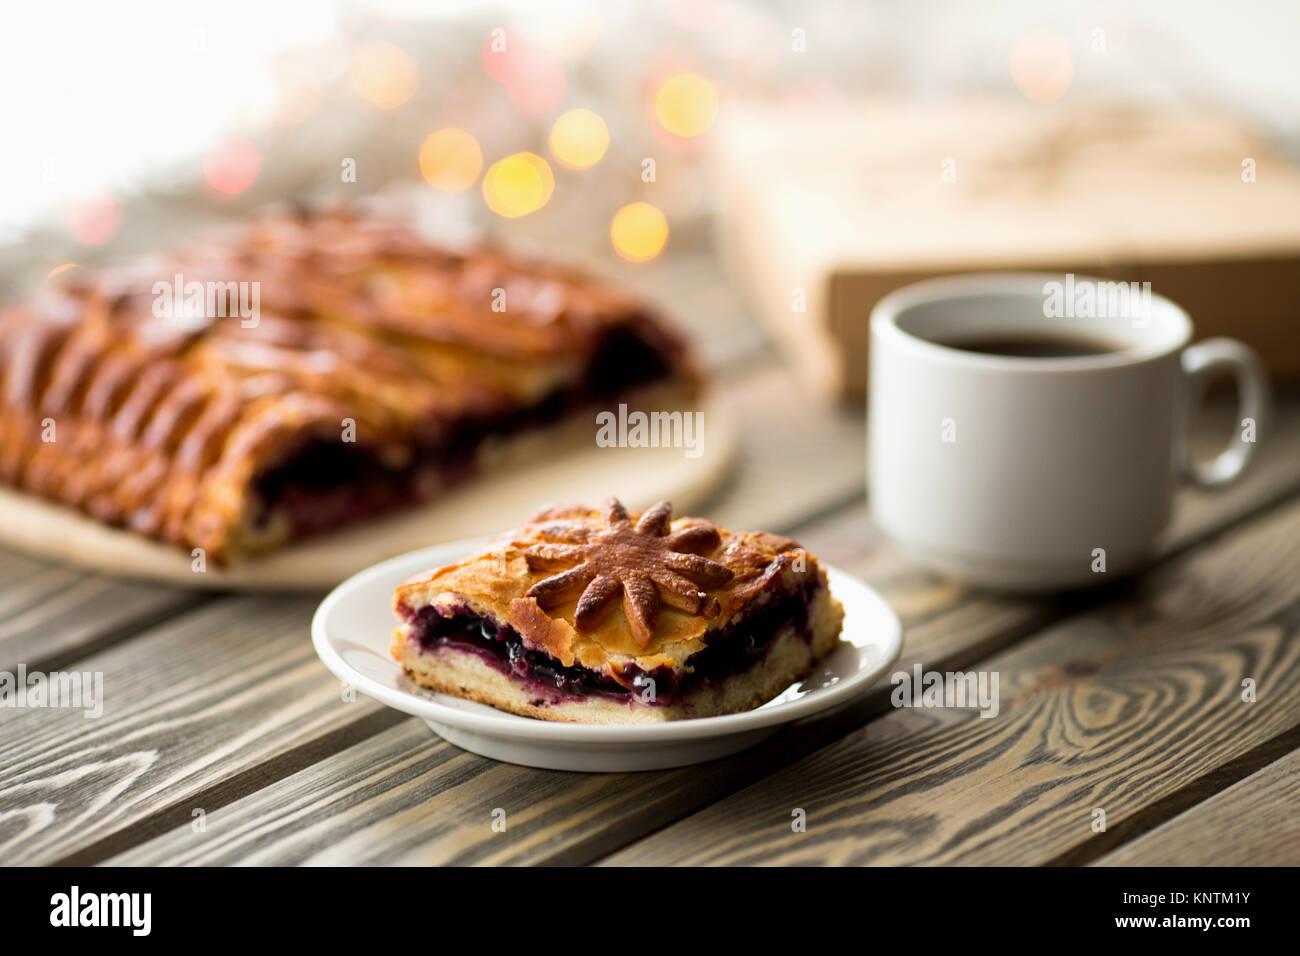 Stück Kuchen auf der Weihnachten Tabelle. Weihnachtsbeleuchtung und Dekoration. Süßigkeiten. Stockbild